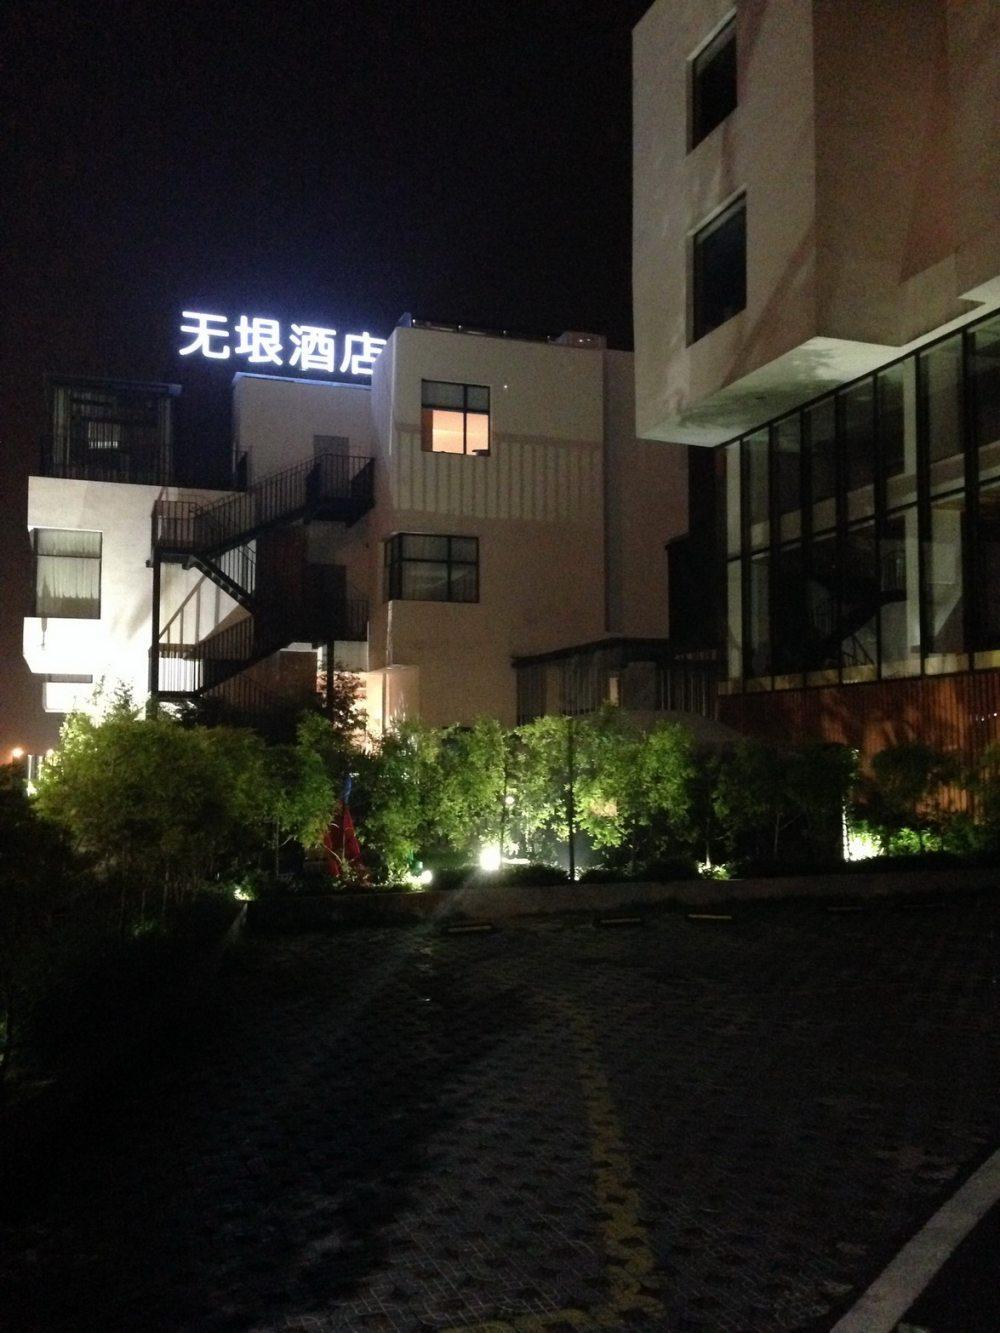 厦门乐雅无垠酒店Hotel Wind自拍 分享_IMG_2498.JPG